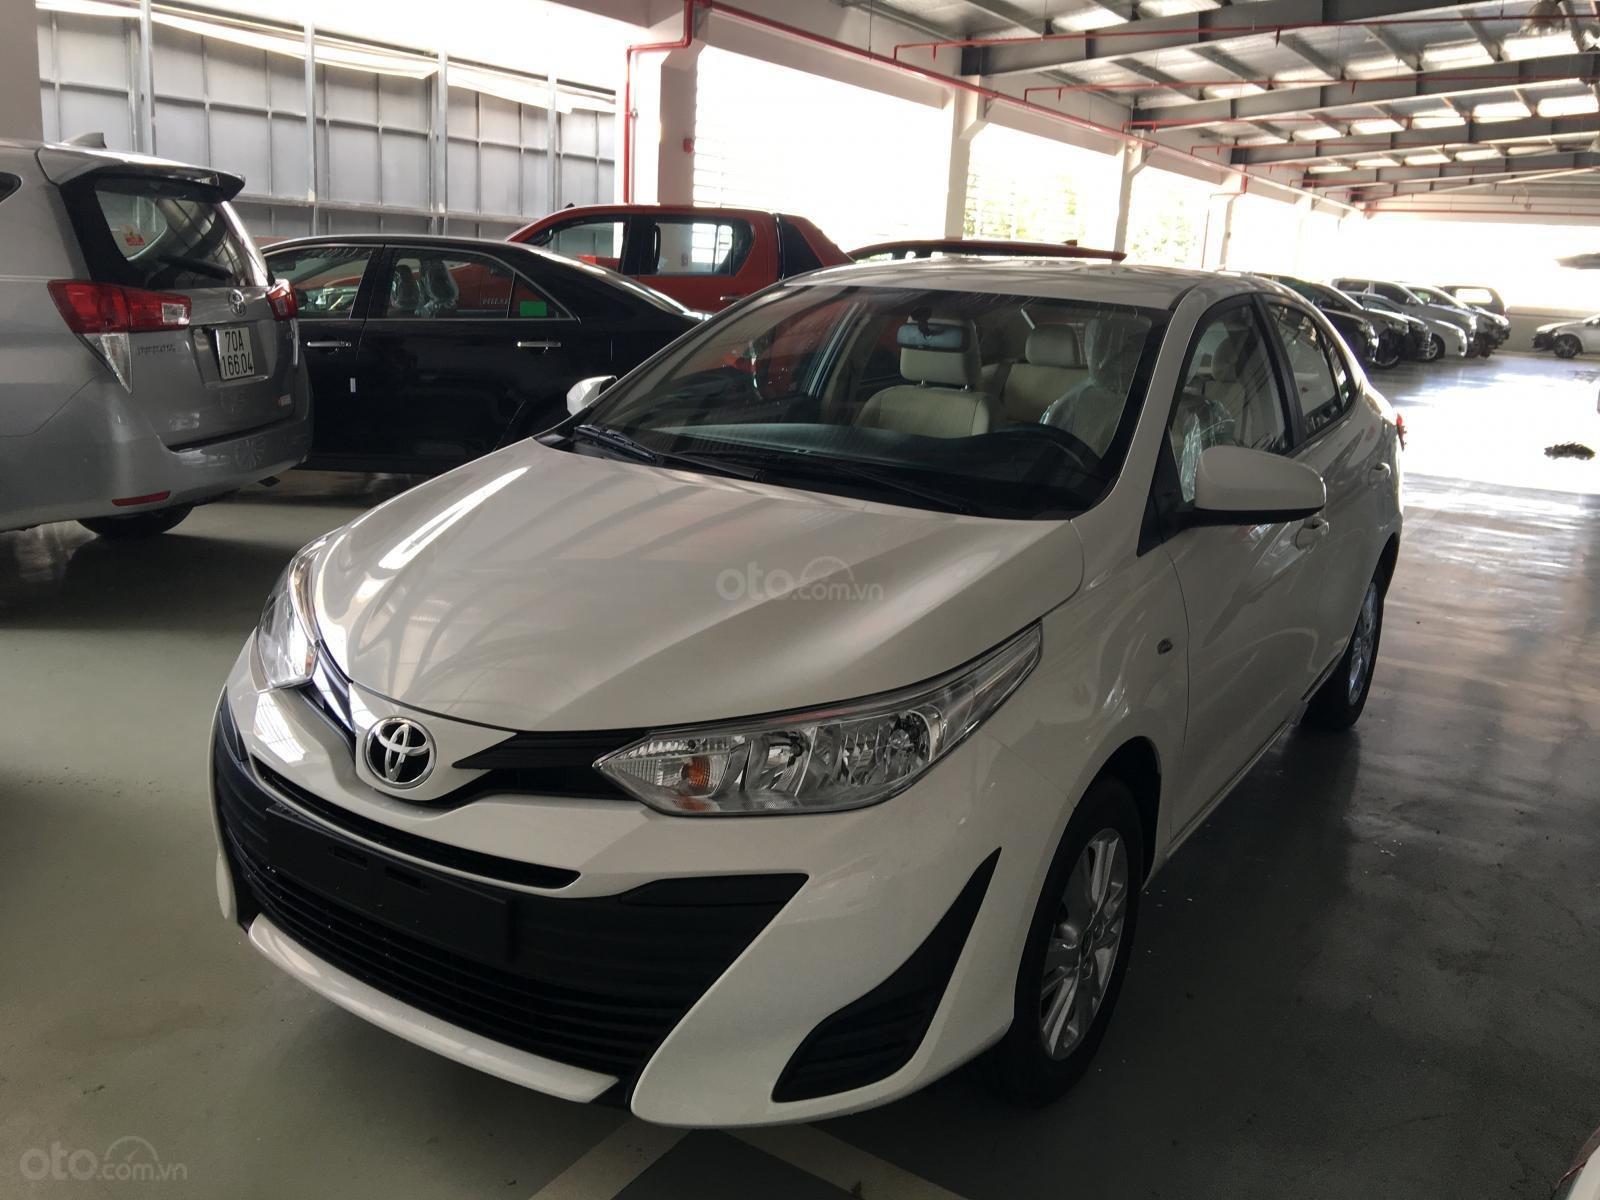 Bán Trả góp Toyota Vios E năm 2019, màu trắng, 470 triệu tại Toyota Tây Ninh (10)